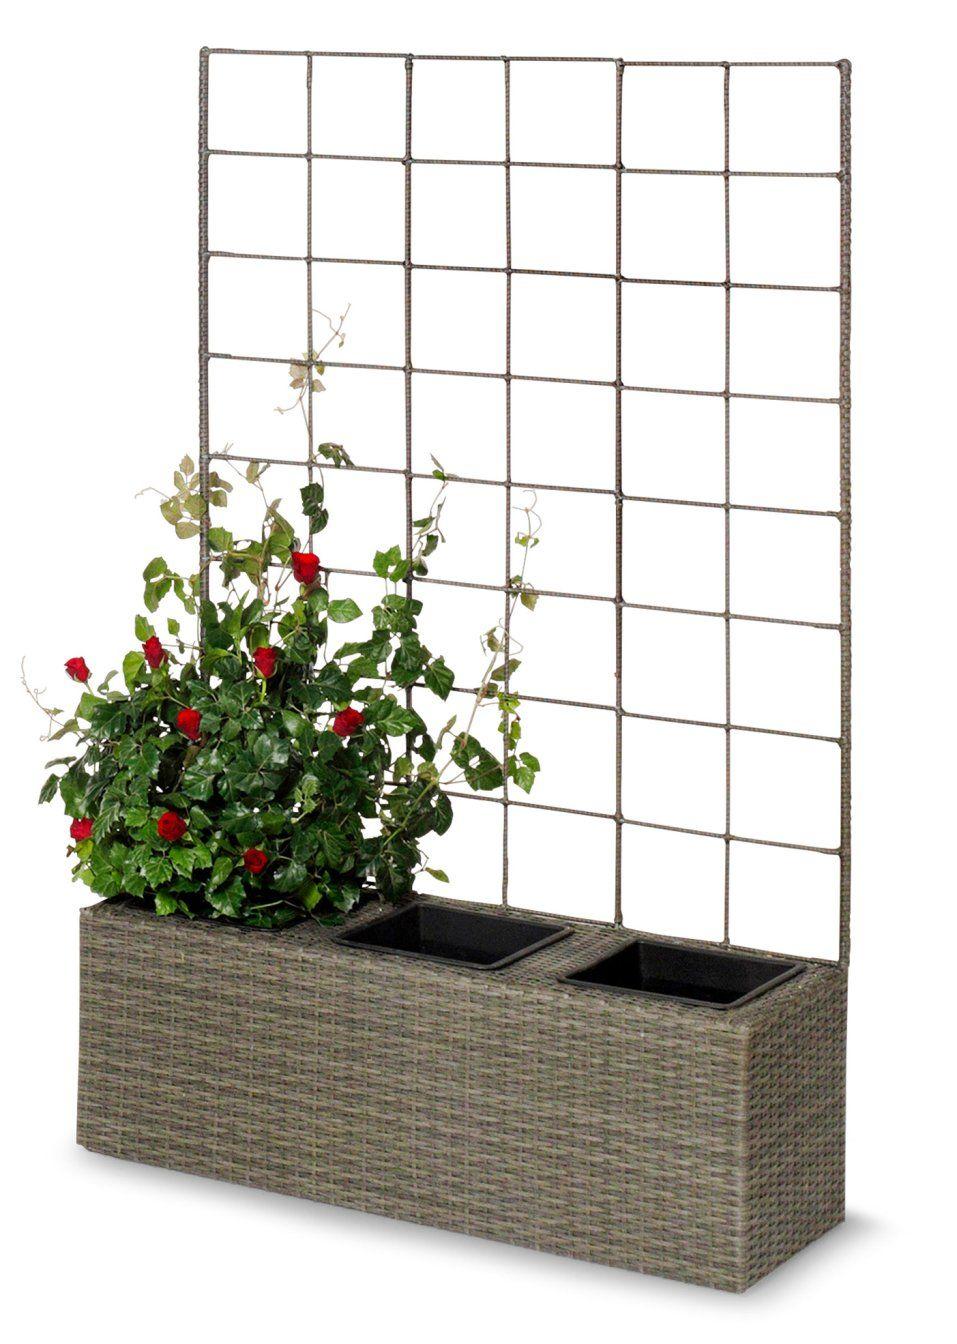 bac fleurs avec treillis paros livraison sp ciale conditions g n rales de vente et plante. Black Bedroom Furniture Sets. Home Design Ideas